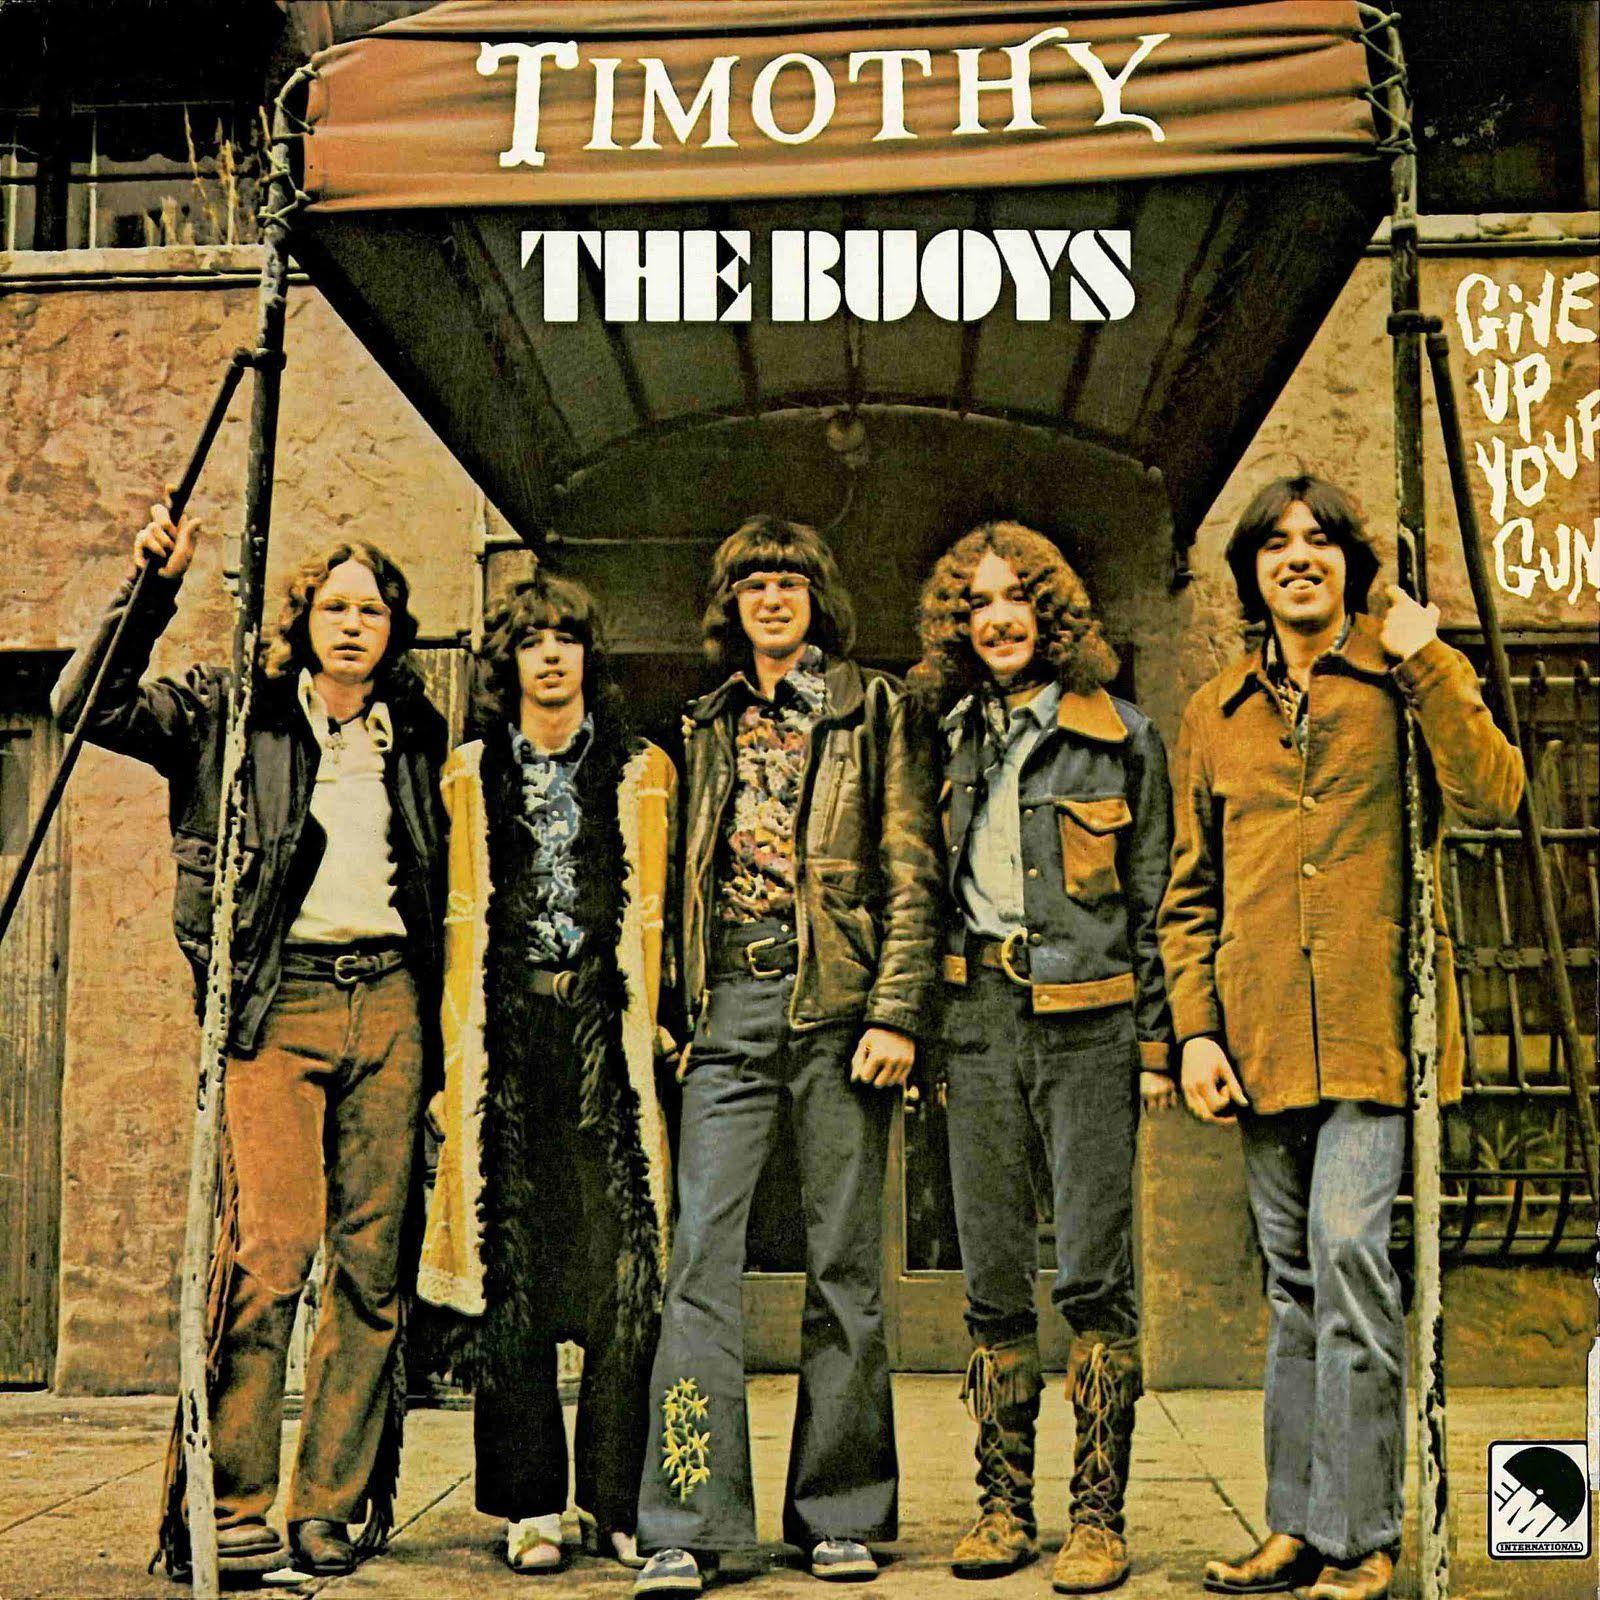 buoys-timothy-56a96acb5f9b58b7d0fb3fa2